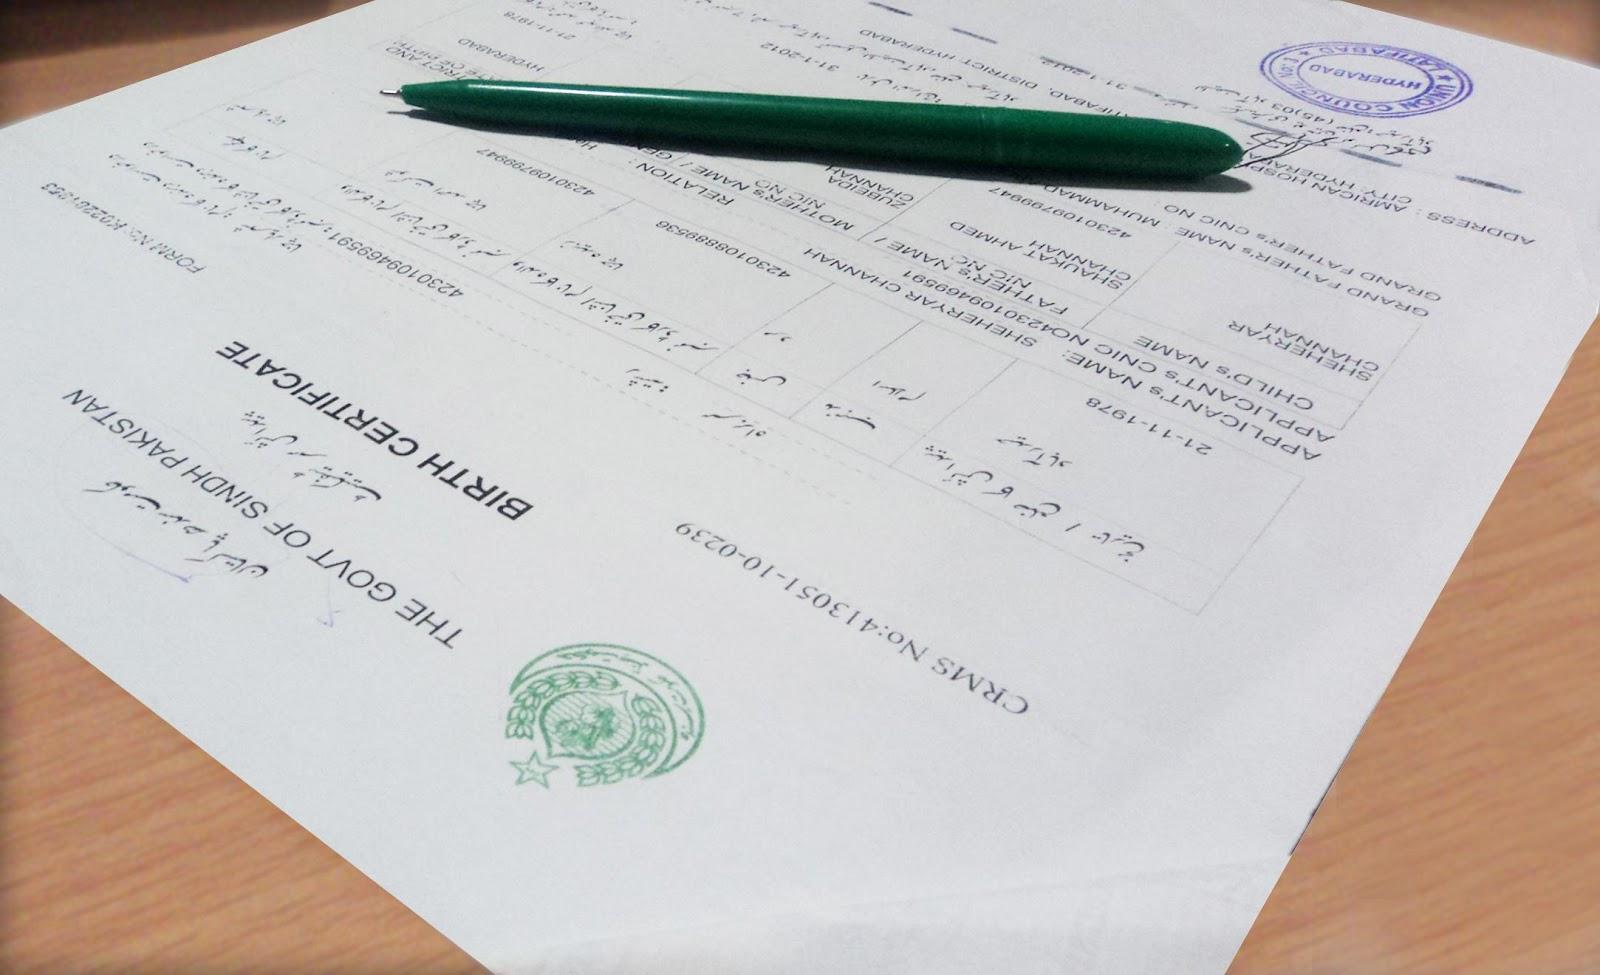 Non Availability Of Birth Certificate No Record Of Birth Certificate